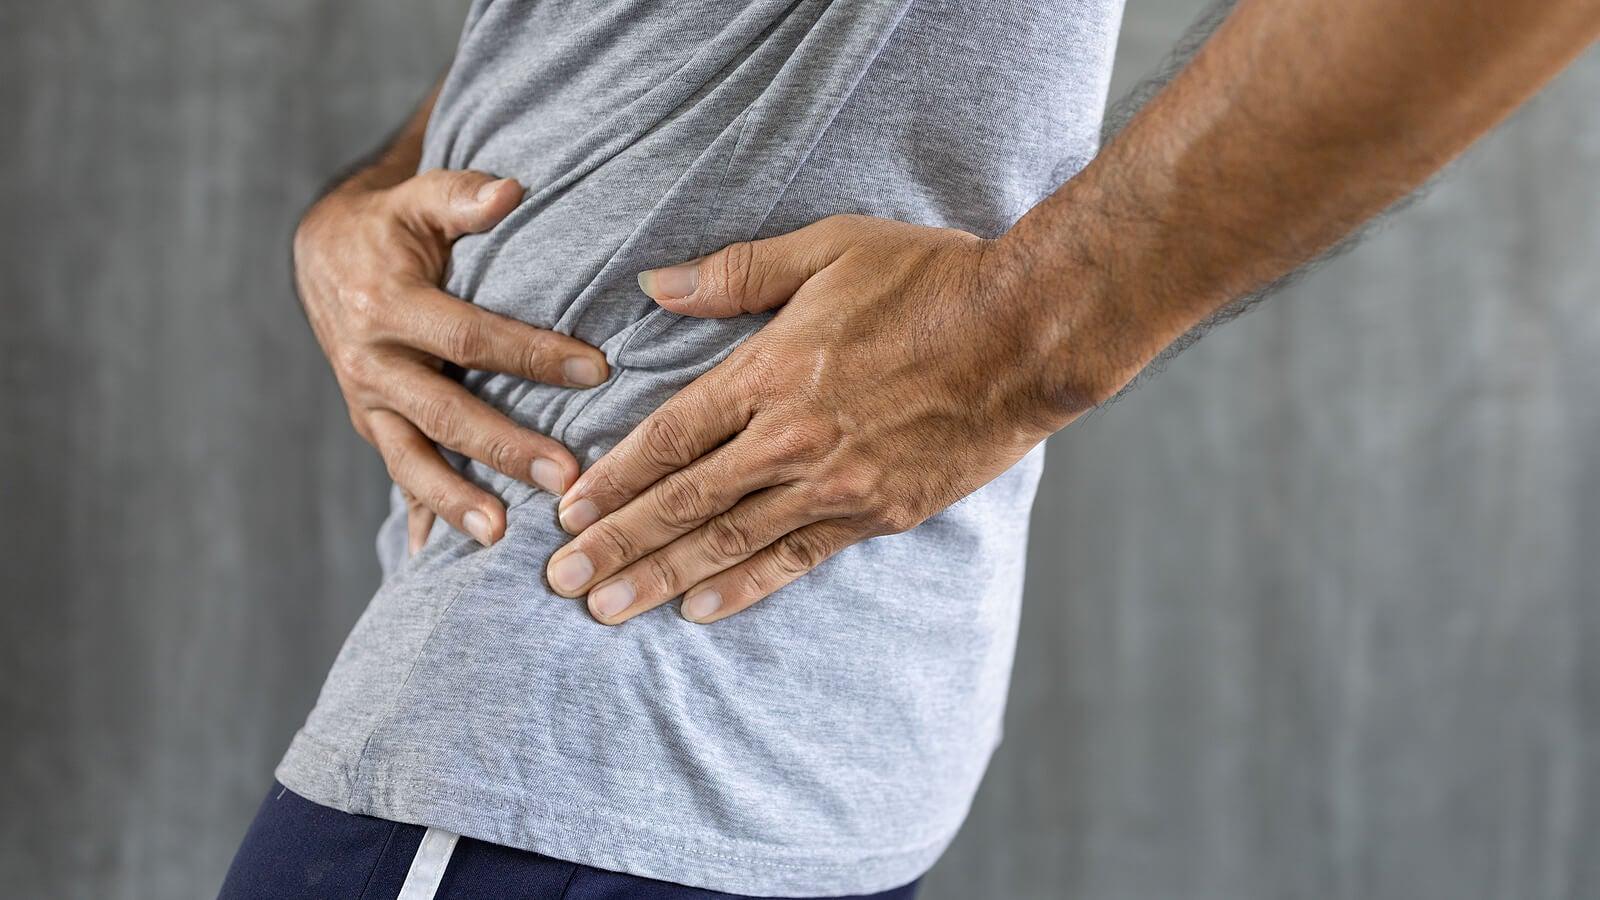 Diferencias entre artritis y bursitis